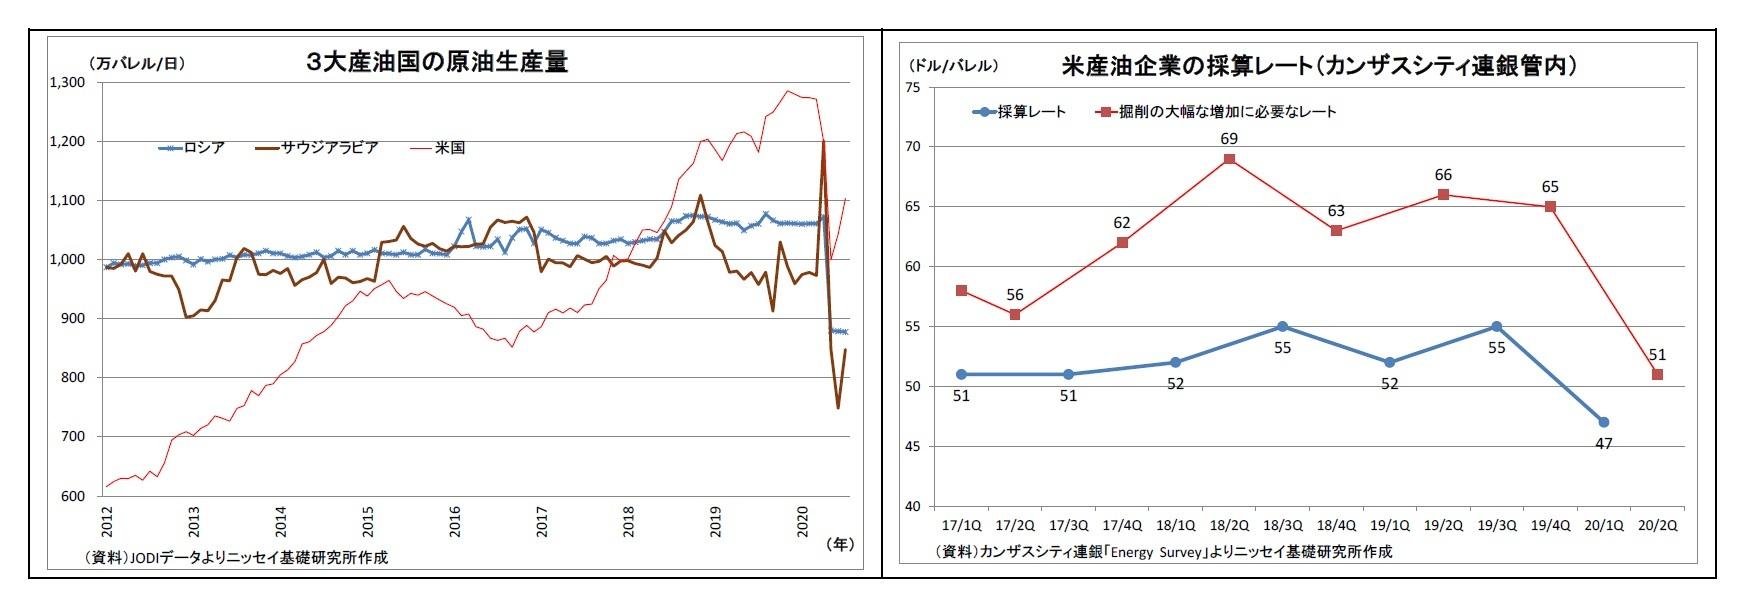 3大産油国の原油生産量/米産油企業の採算レート(カンザスシティ連銀管内)